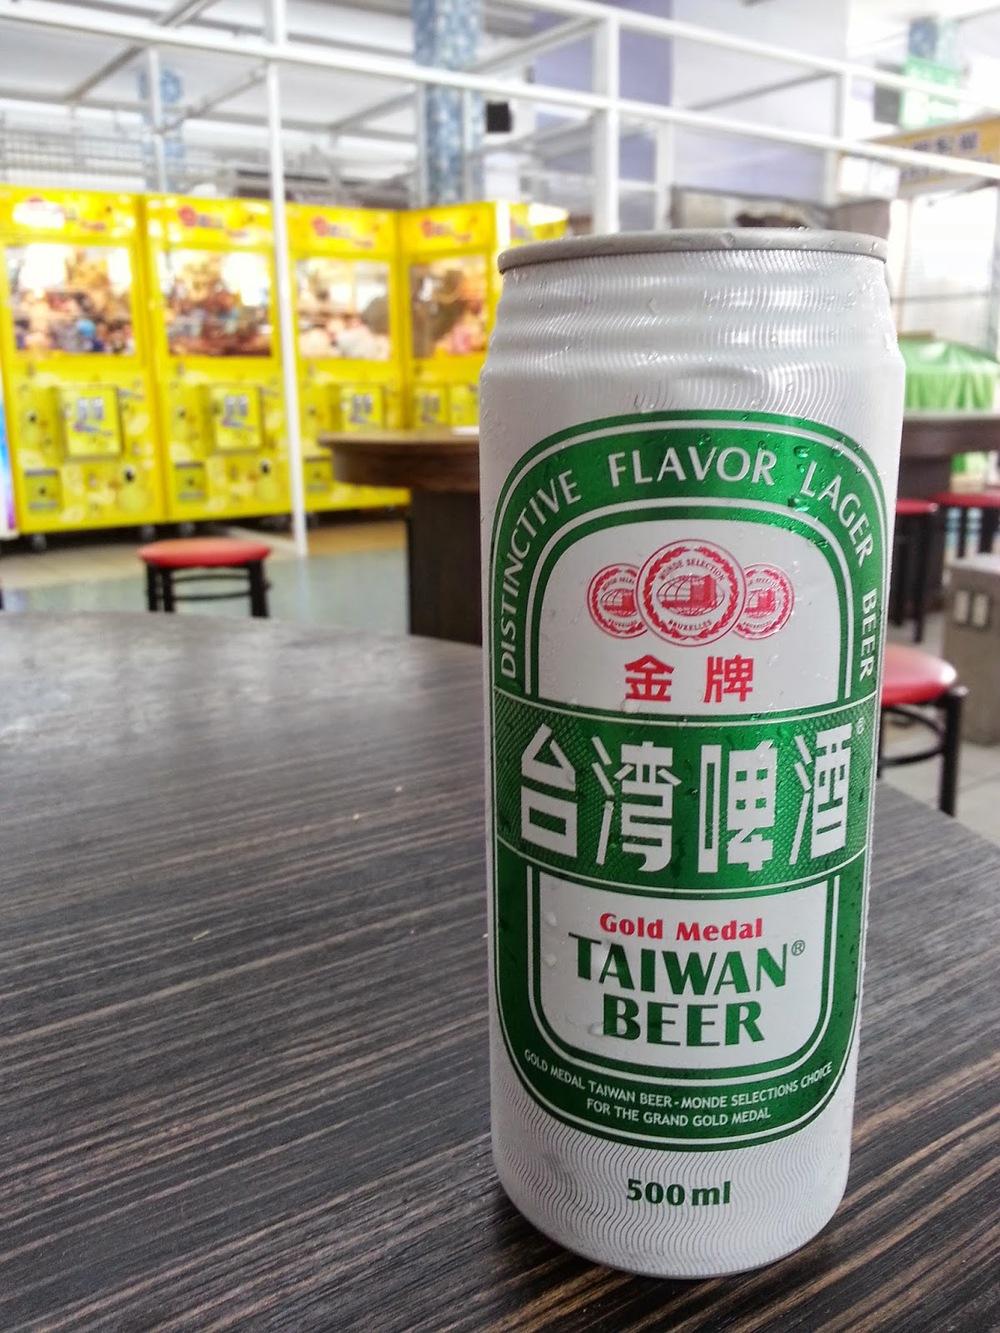 Taiwan%2BBeer%2BFood%2BTravel.jpg